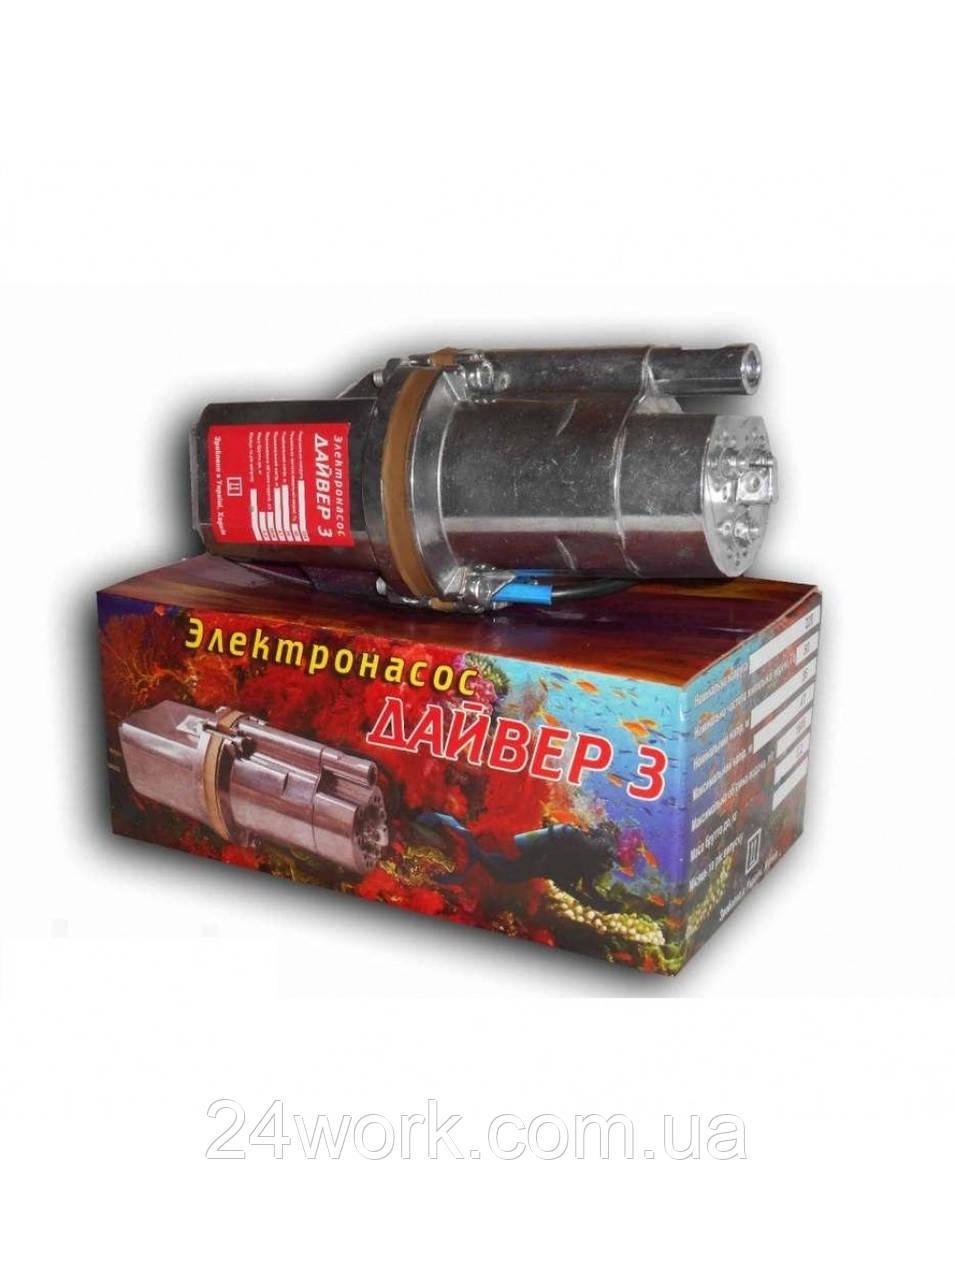 Водяной погружной вибрационный насос Дайвер 3 (3 клапана)